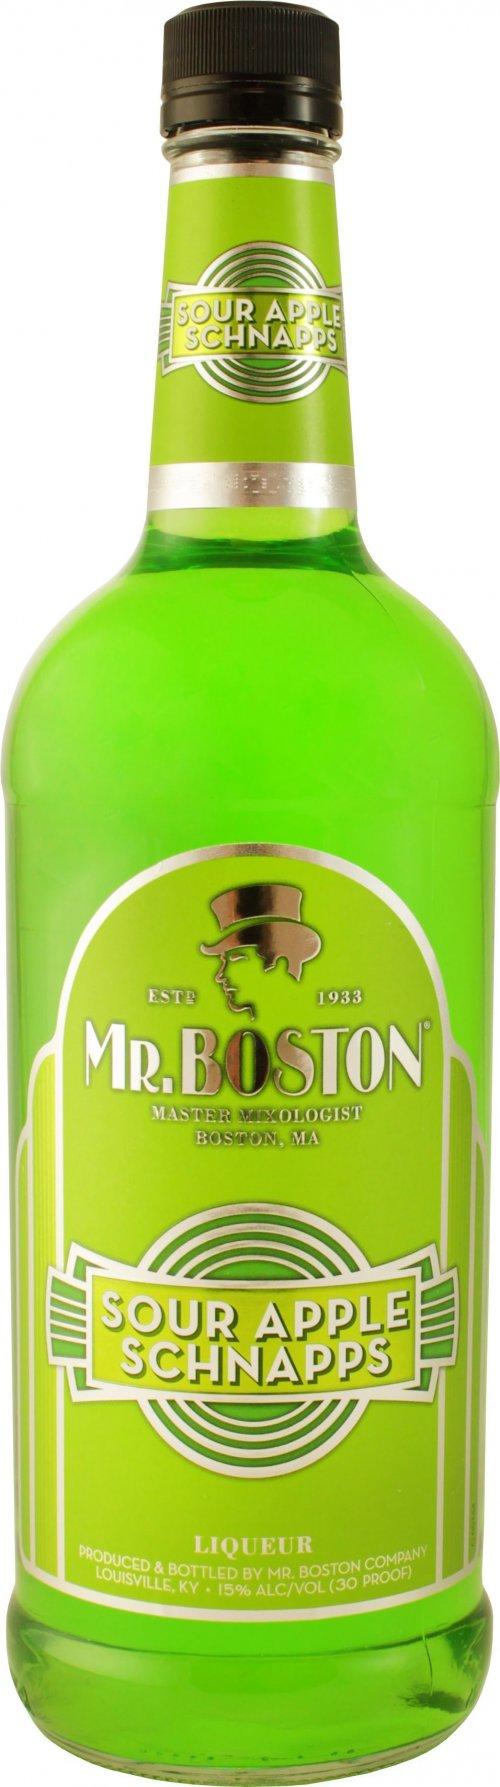 Mr Boston Sour Apple Schnapps